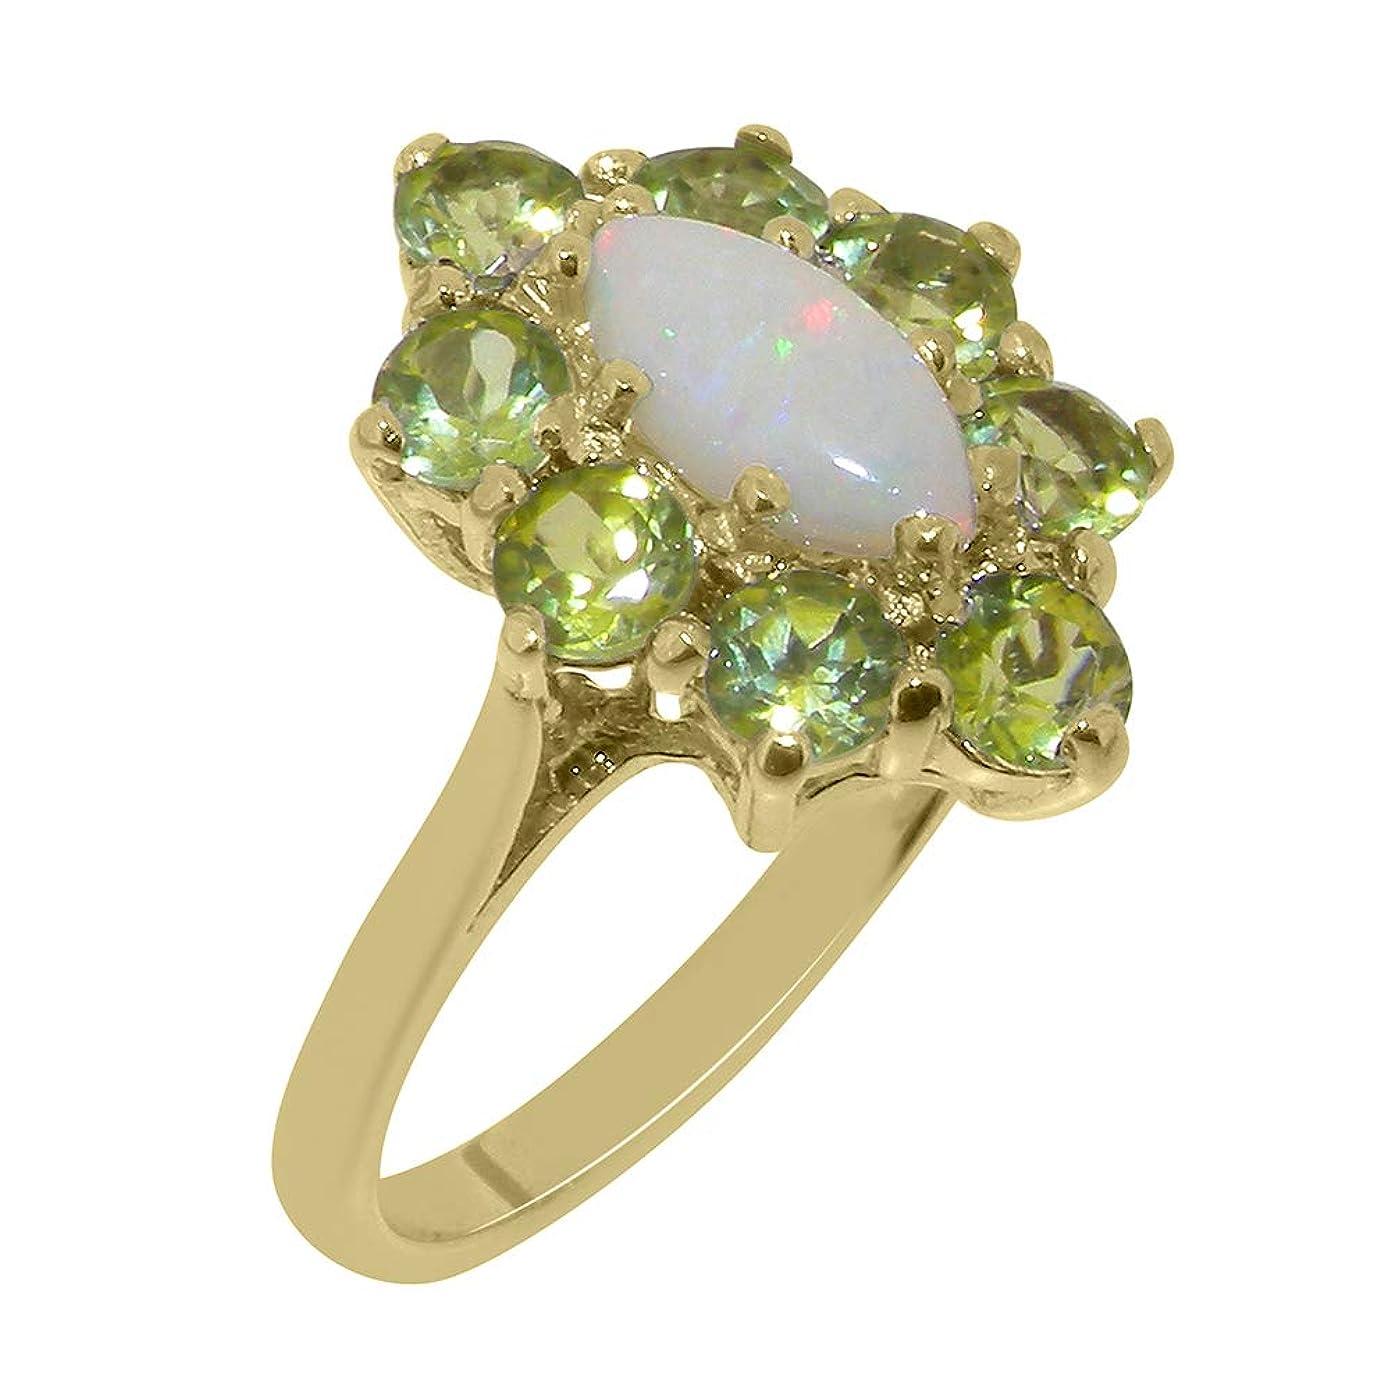 誰でも感性ジェスチャー英国製(イギリス製) K18 イエローゴールド 天然 オパール 天然 ペリドット レディースー クラスター リング 指輪 各種 サイズ あり